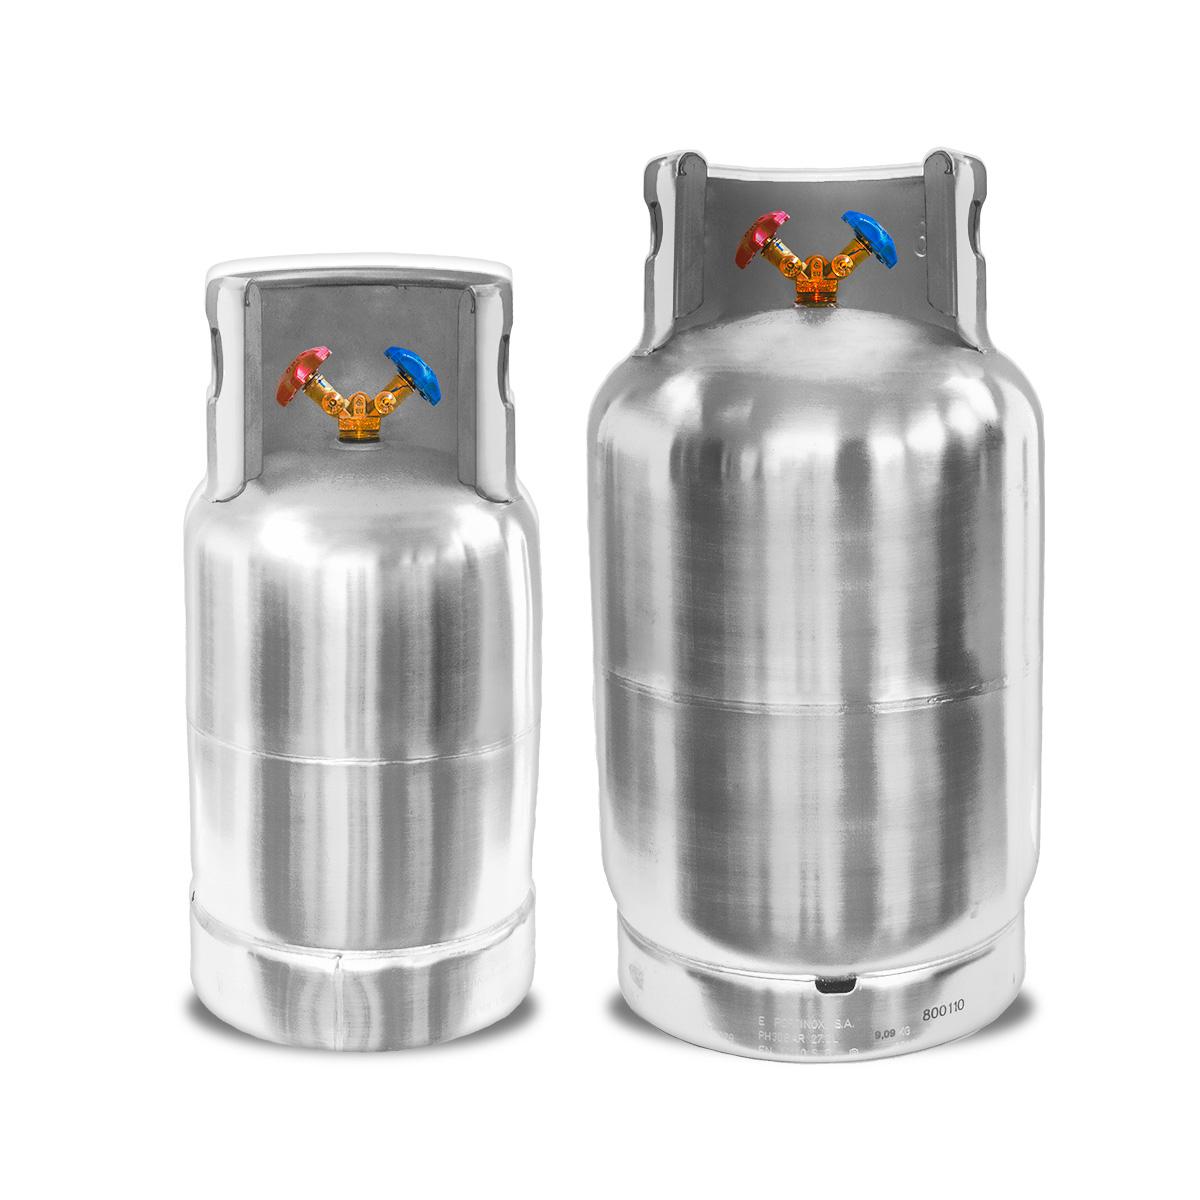 refrigerant cylinders jsp portinox. Black Bedroom Furniture Sets. Home Design Ideas